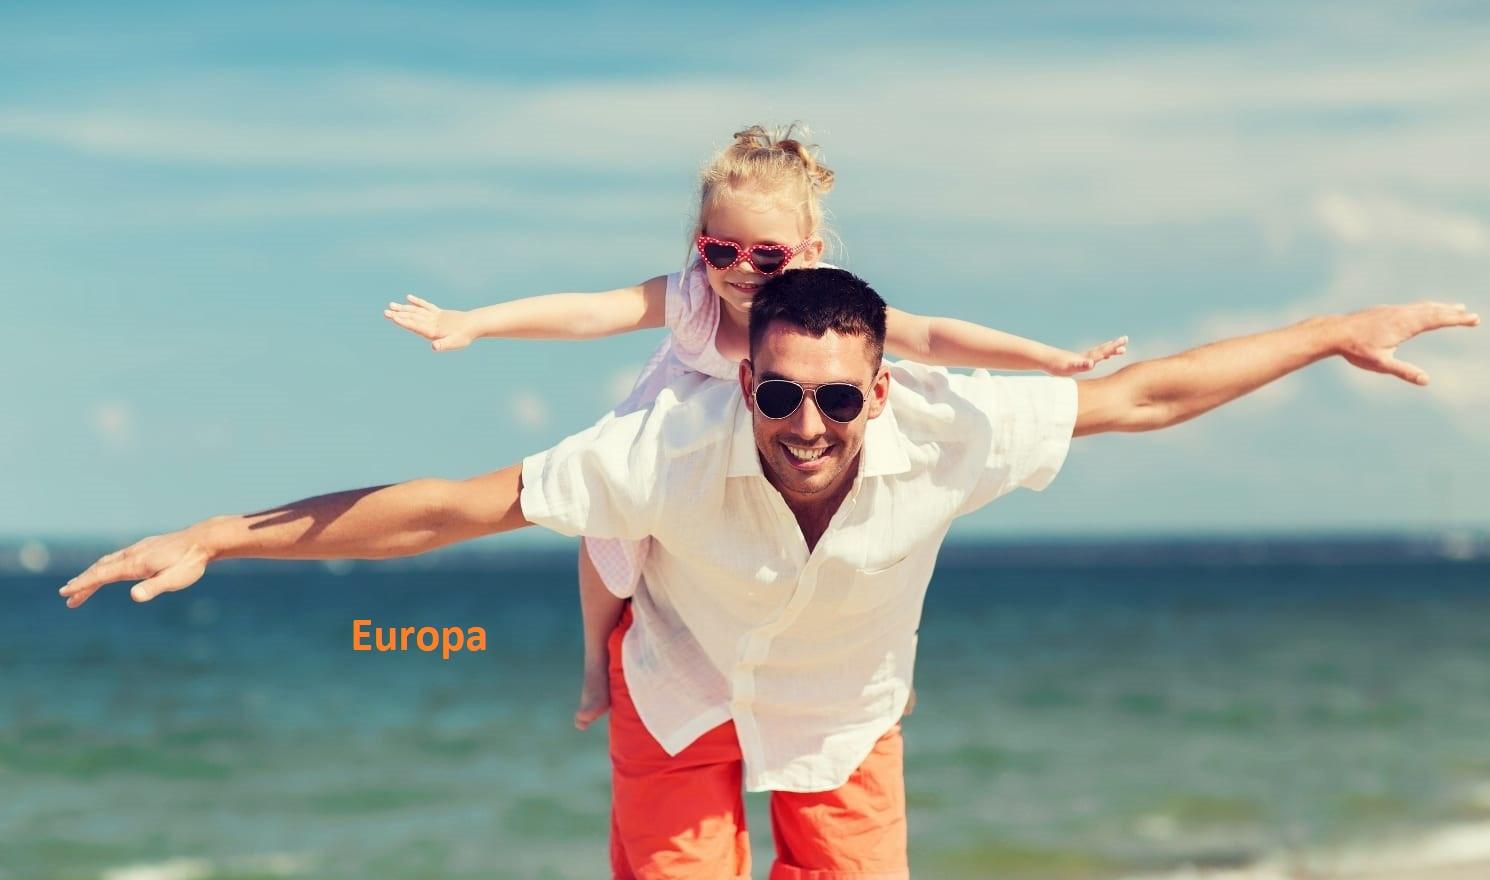 EuropaFooter.jpg